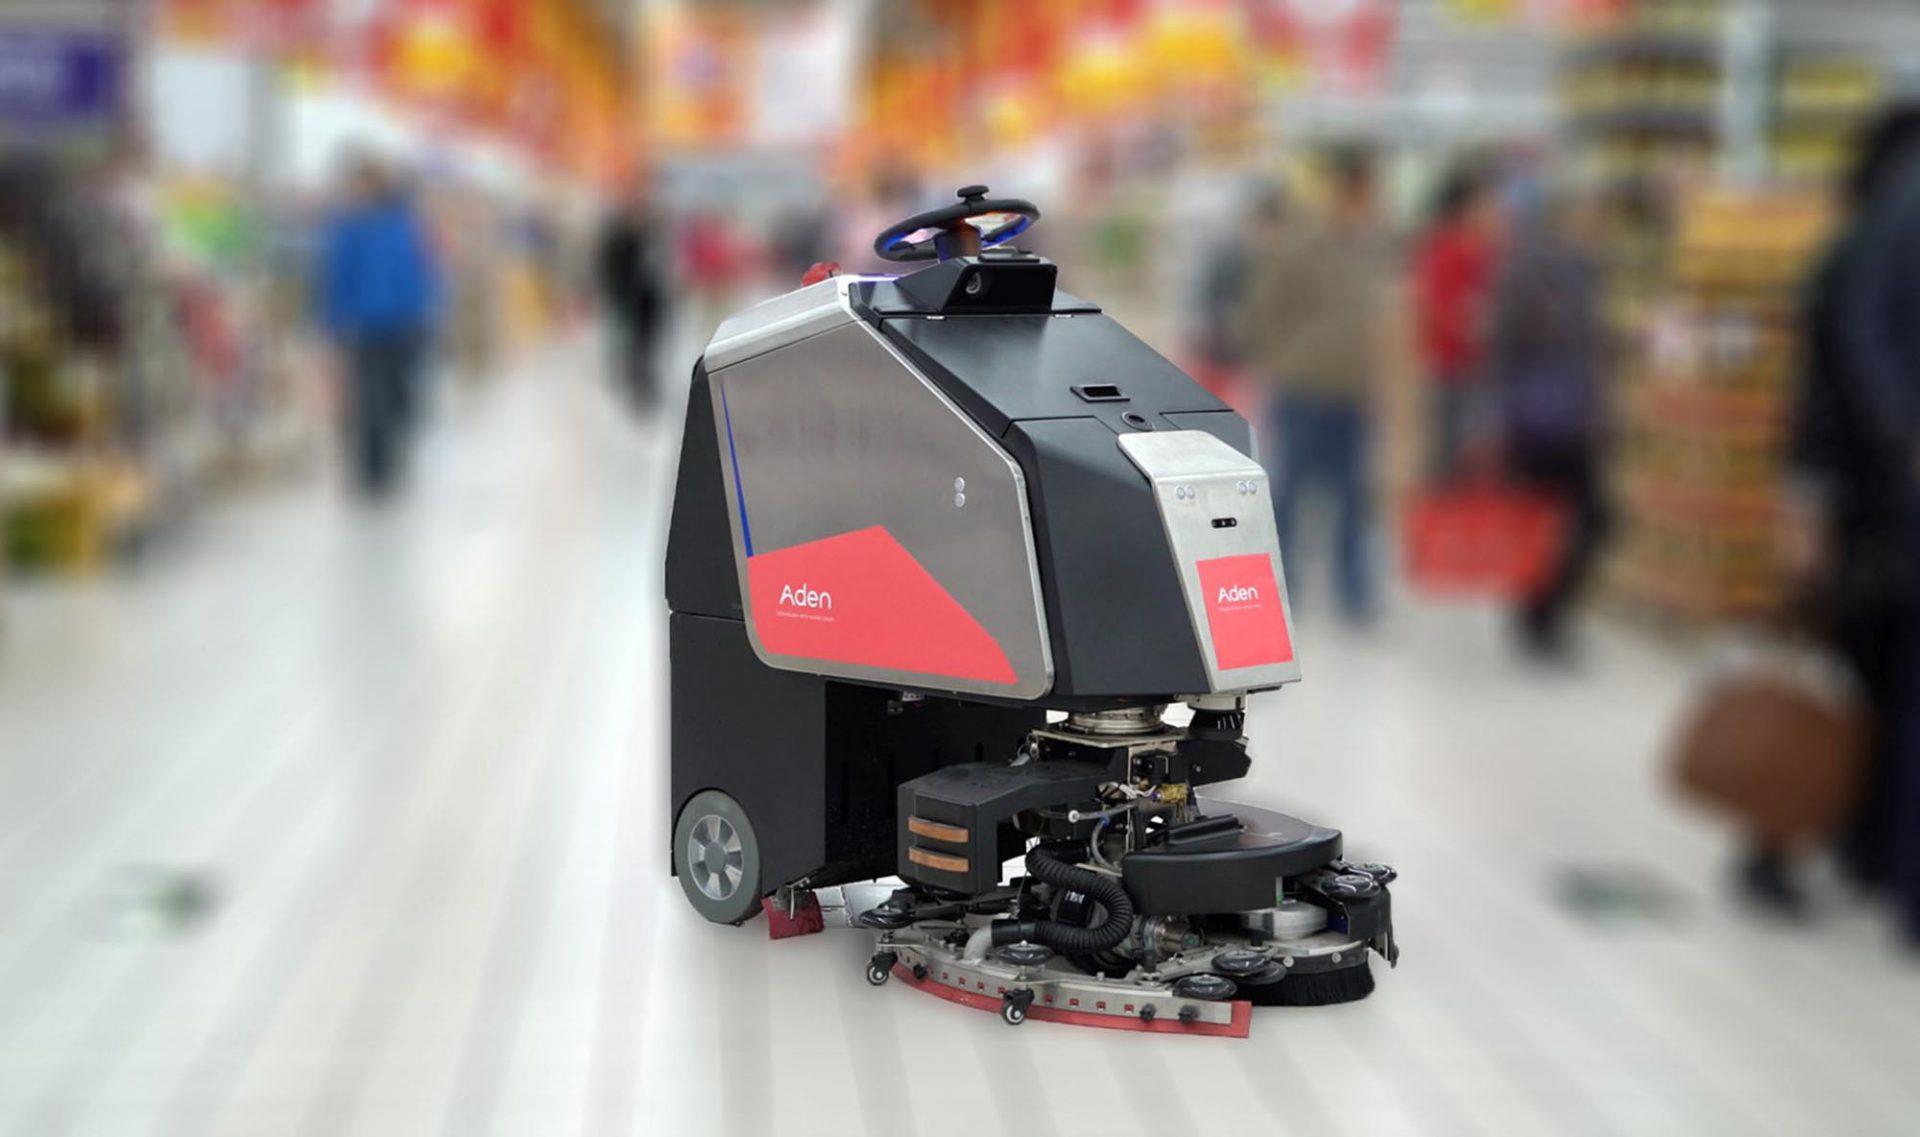 挨顿清洁服务清洁机器人解决方案